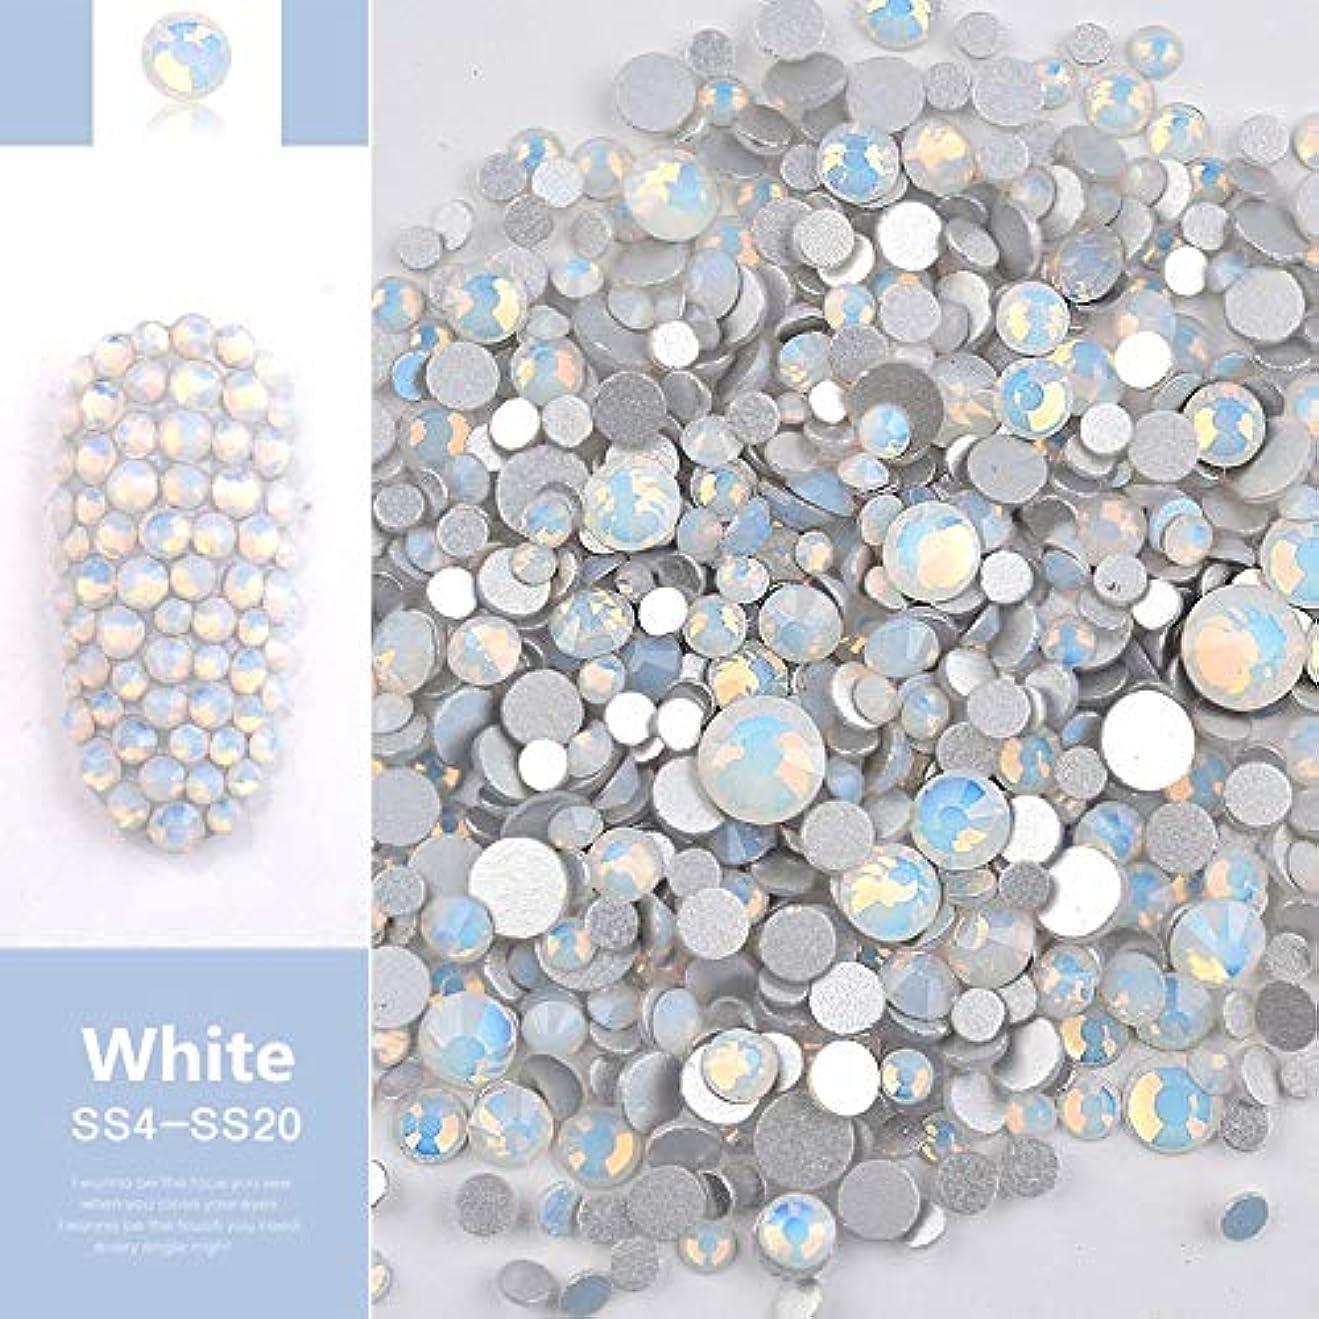 ネズミ下手代わりのTianmey ビーズ樹脂クリスタルラウンドネイルアートミックスフラットバックアクリルラインストーンミックスサイズ1.5-4.5 mm装飾用ネイル (Color : White)